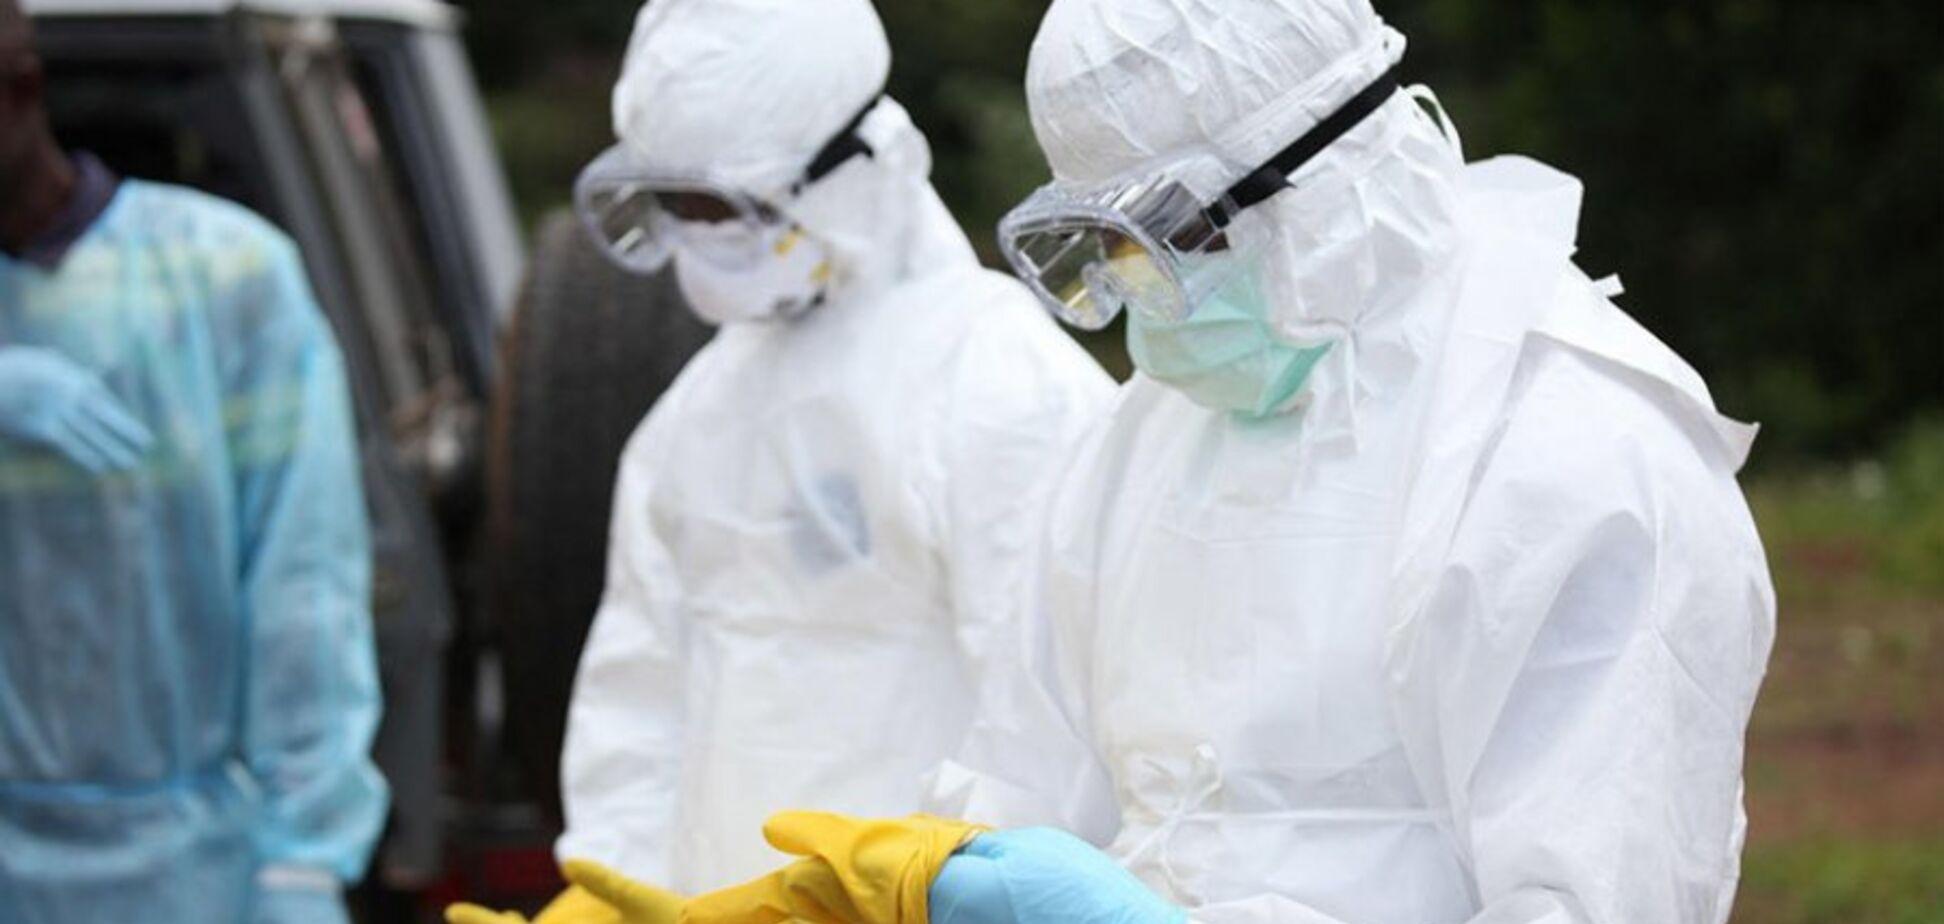 Смертельний коронавірус дістався до Гонконгу: зафіксовано перший випадок зараження